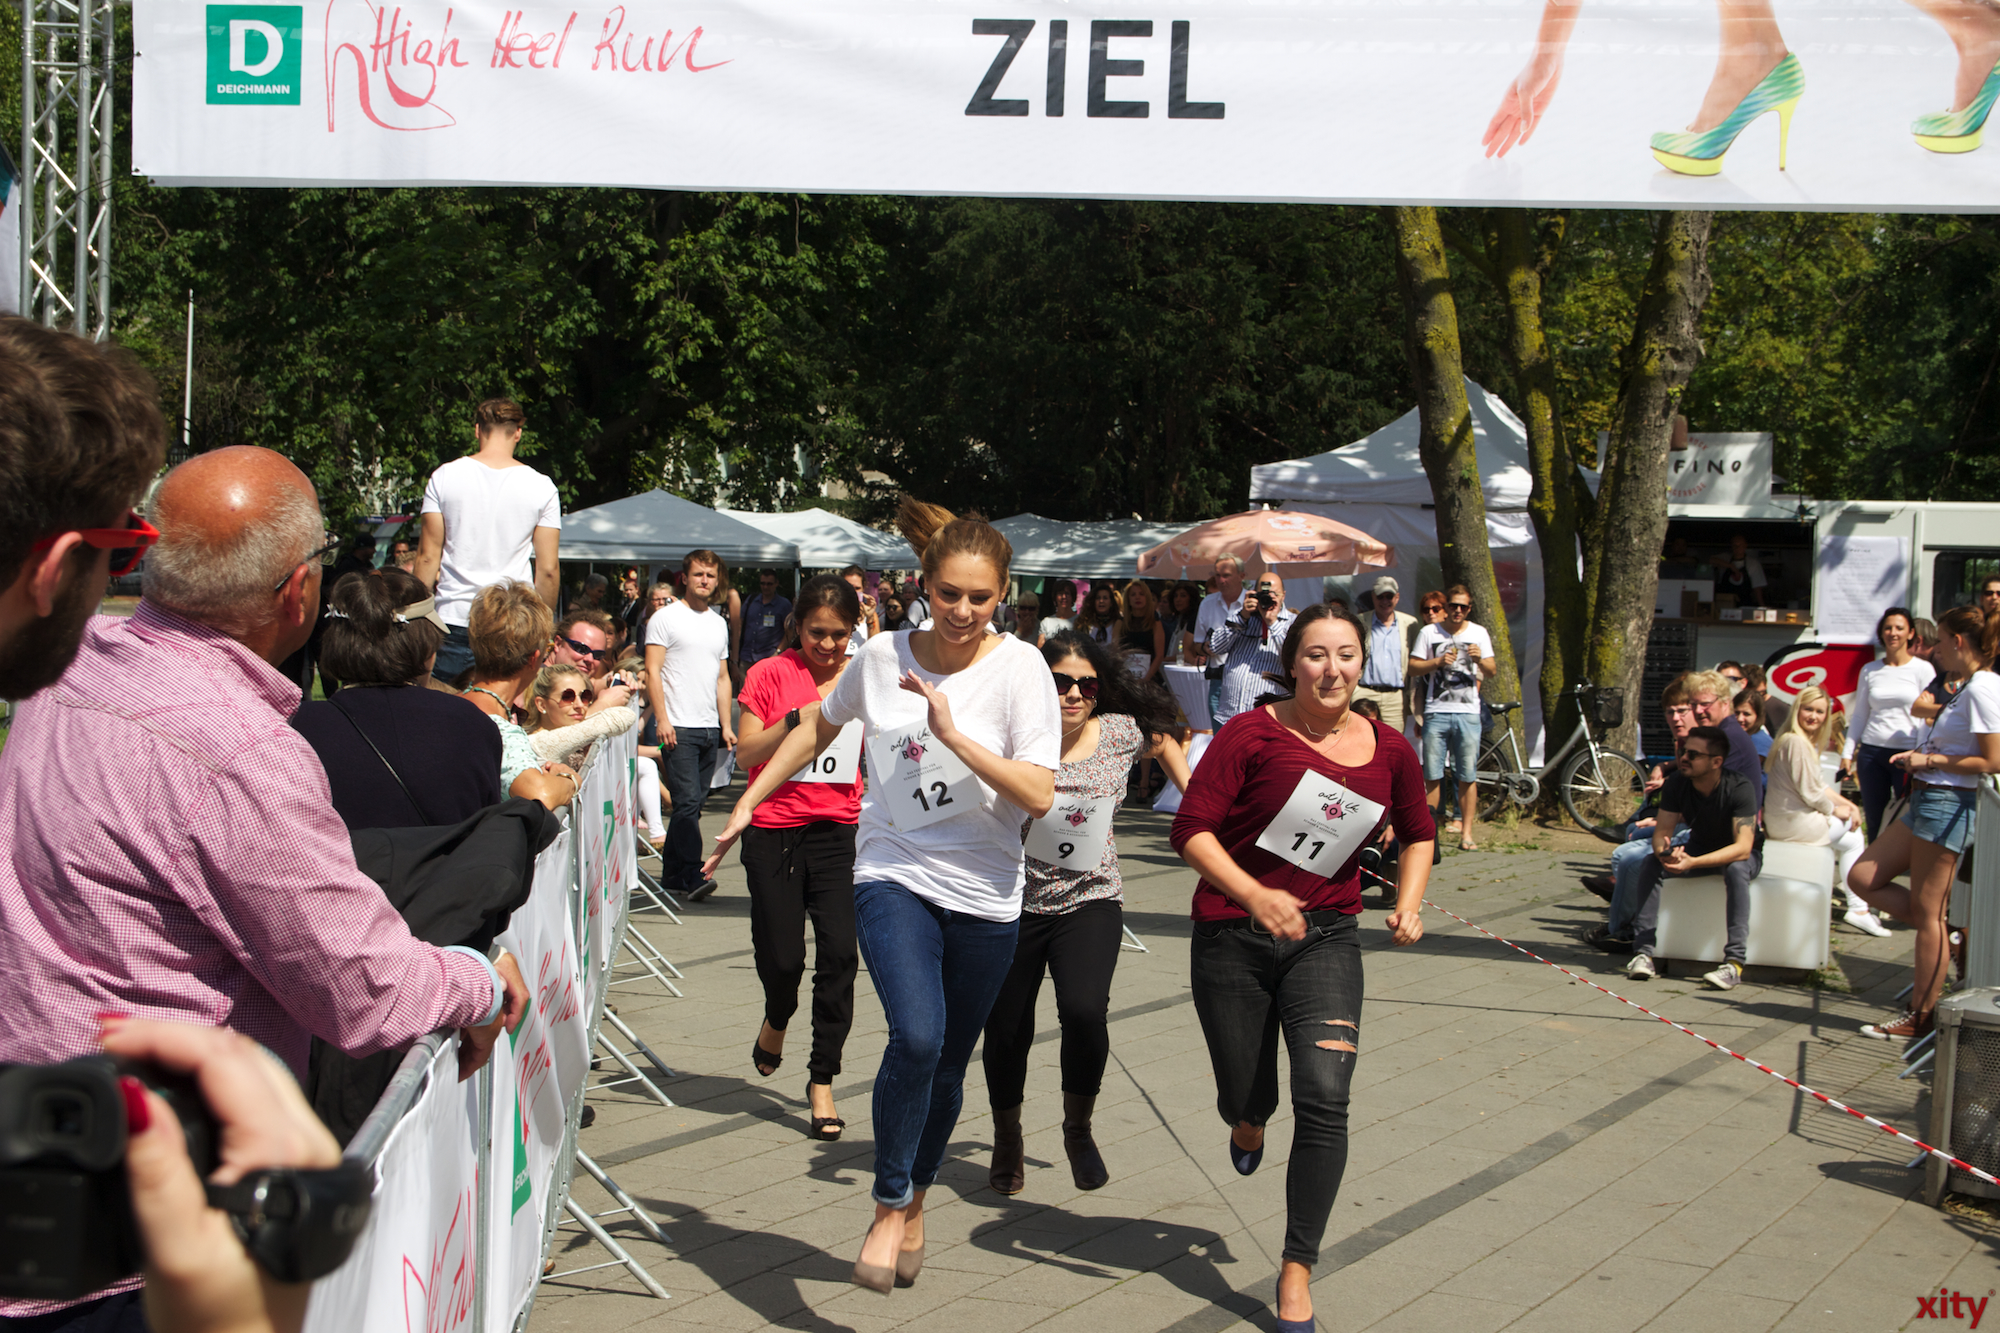 Am Graf-Adolf-Platz fand der erste Deichmann High-Hee-Run statt. (Foto: xity)